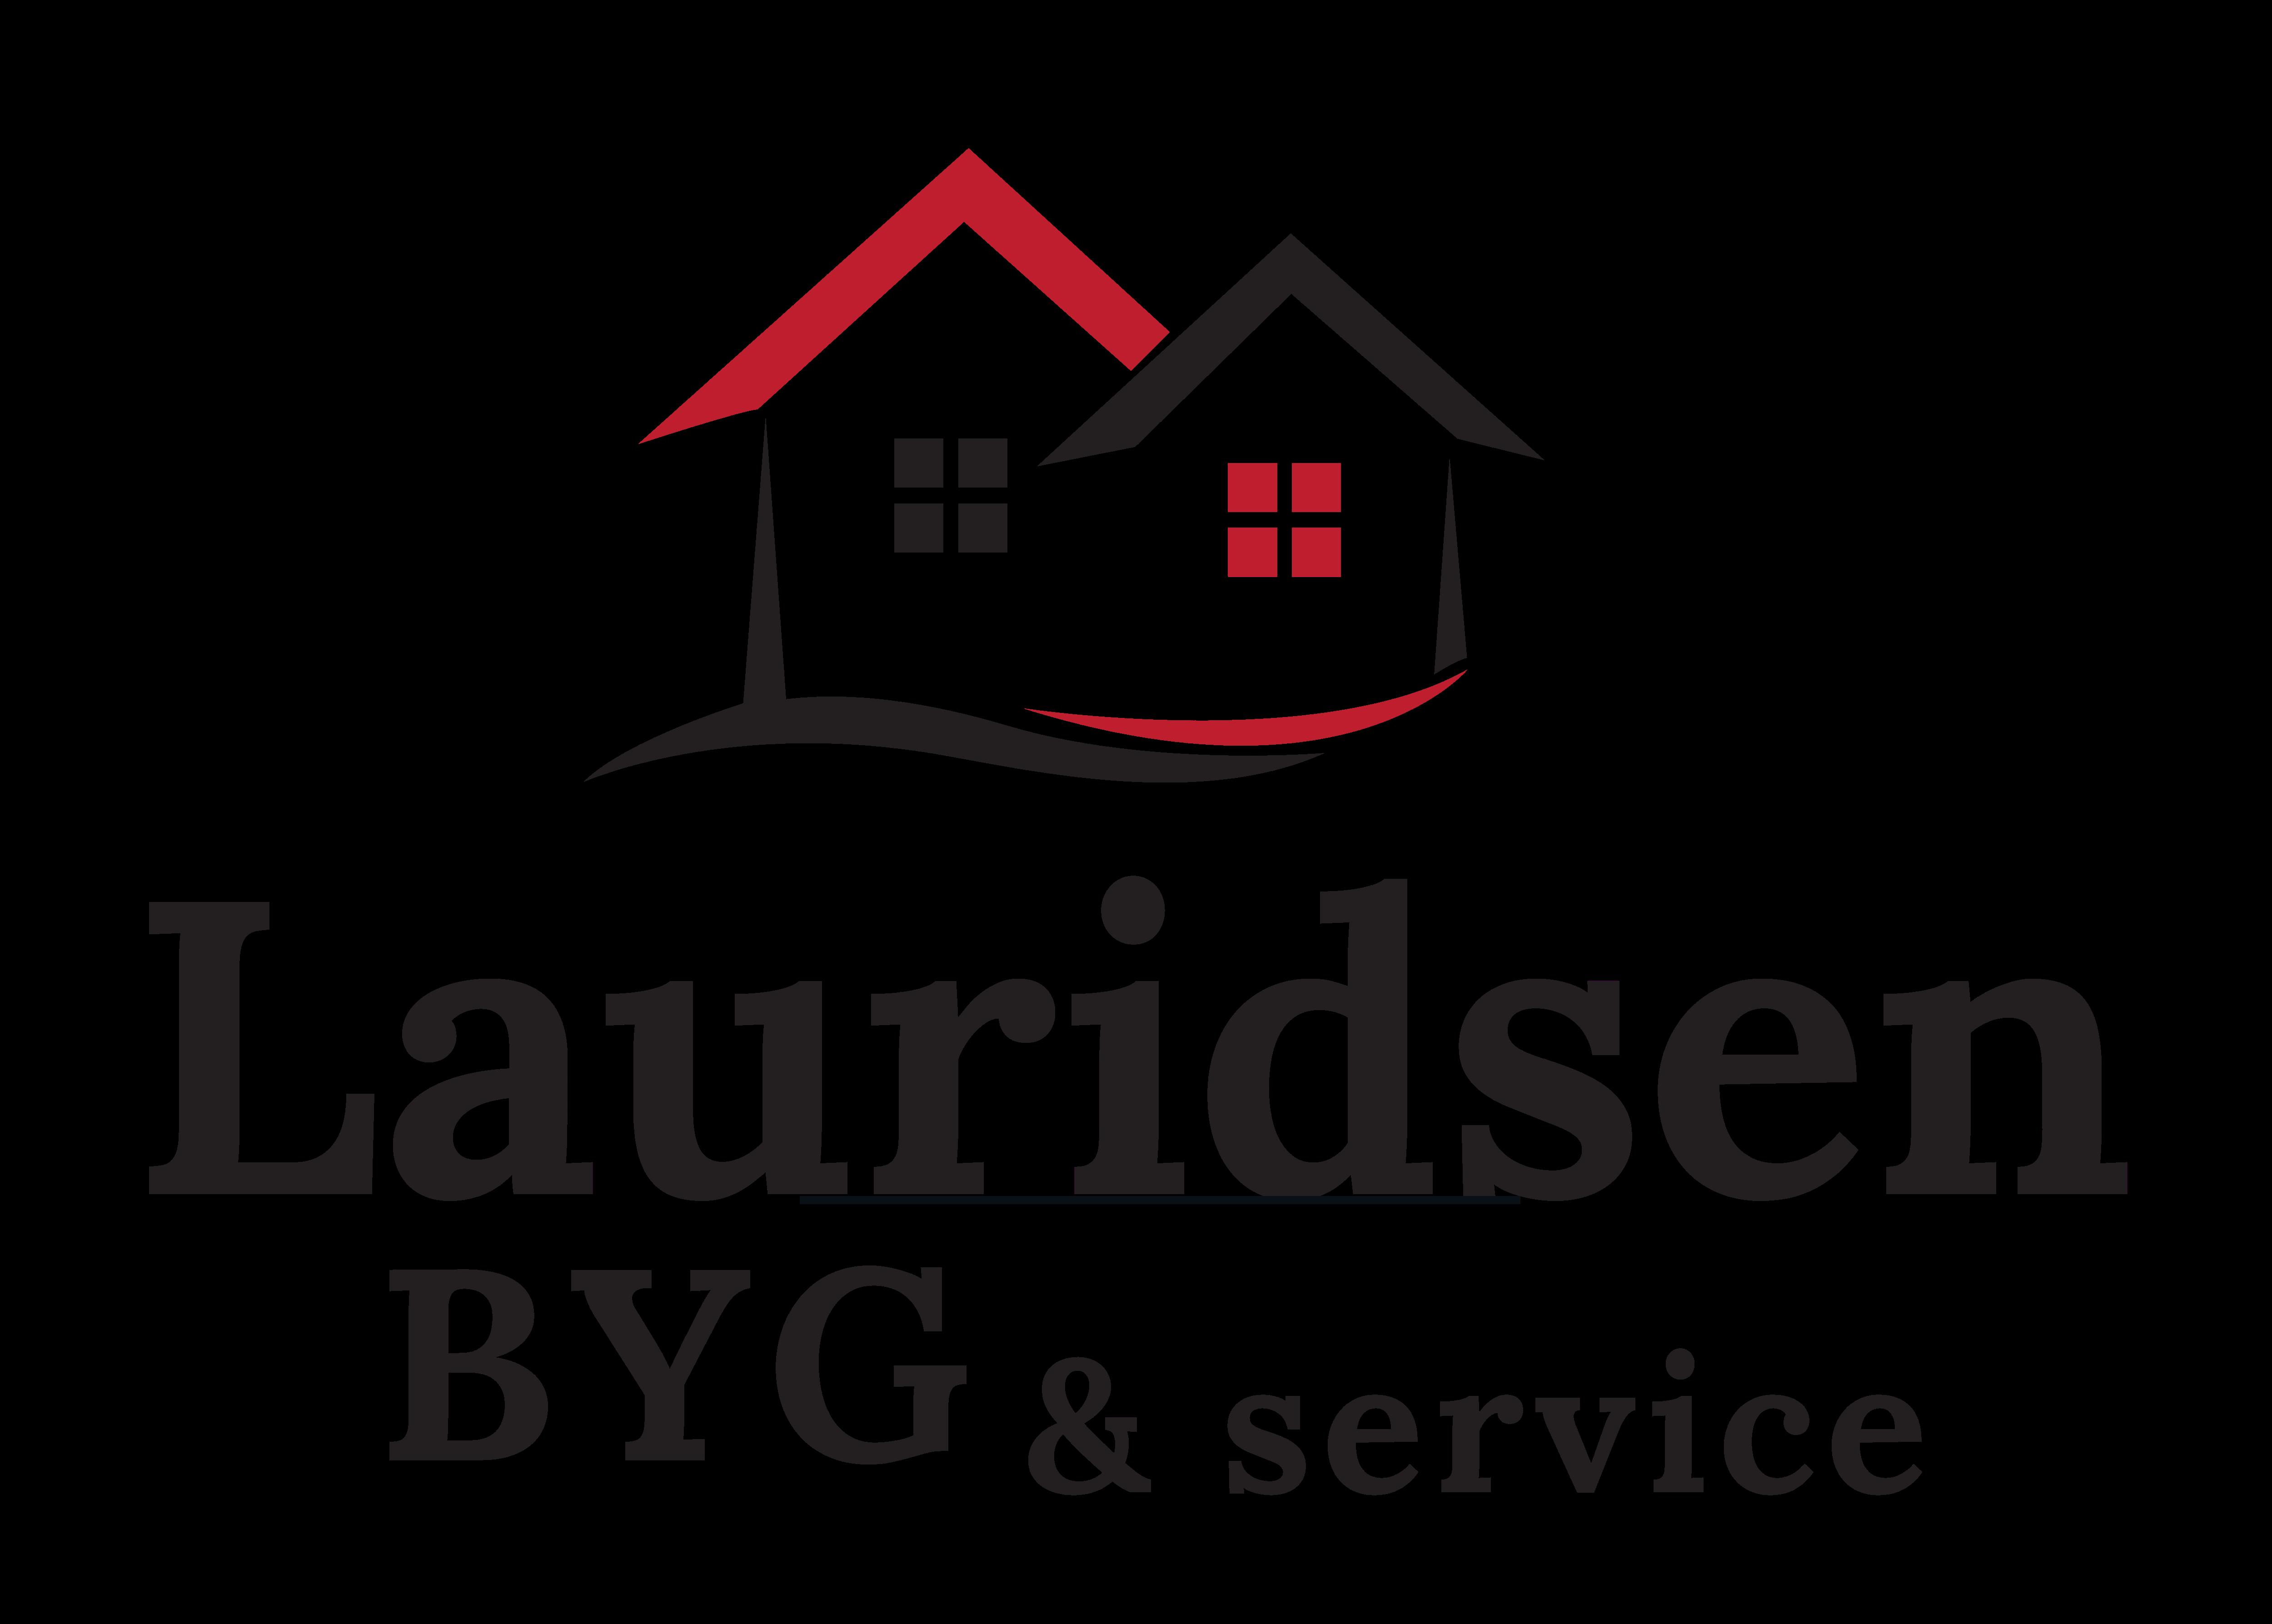 Byg & Service